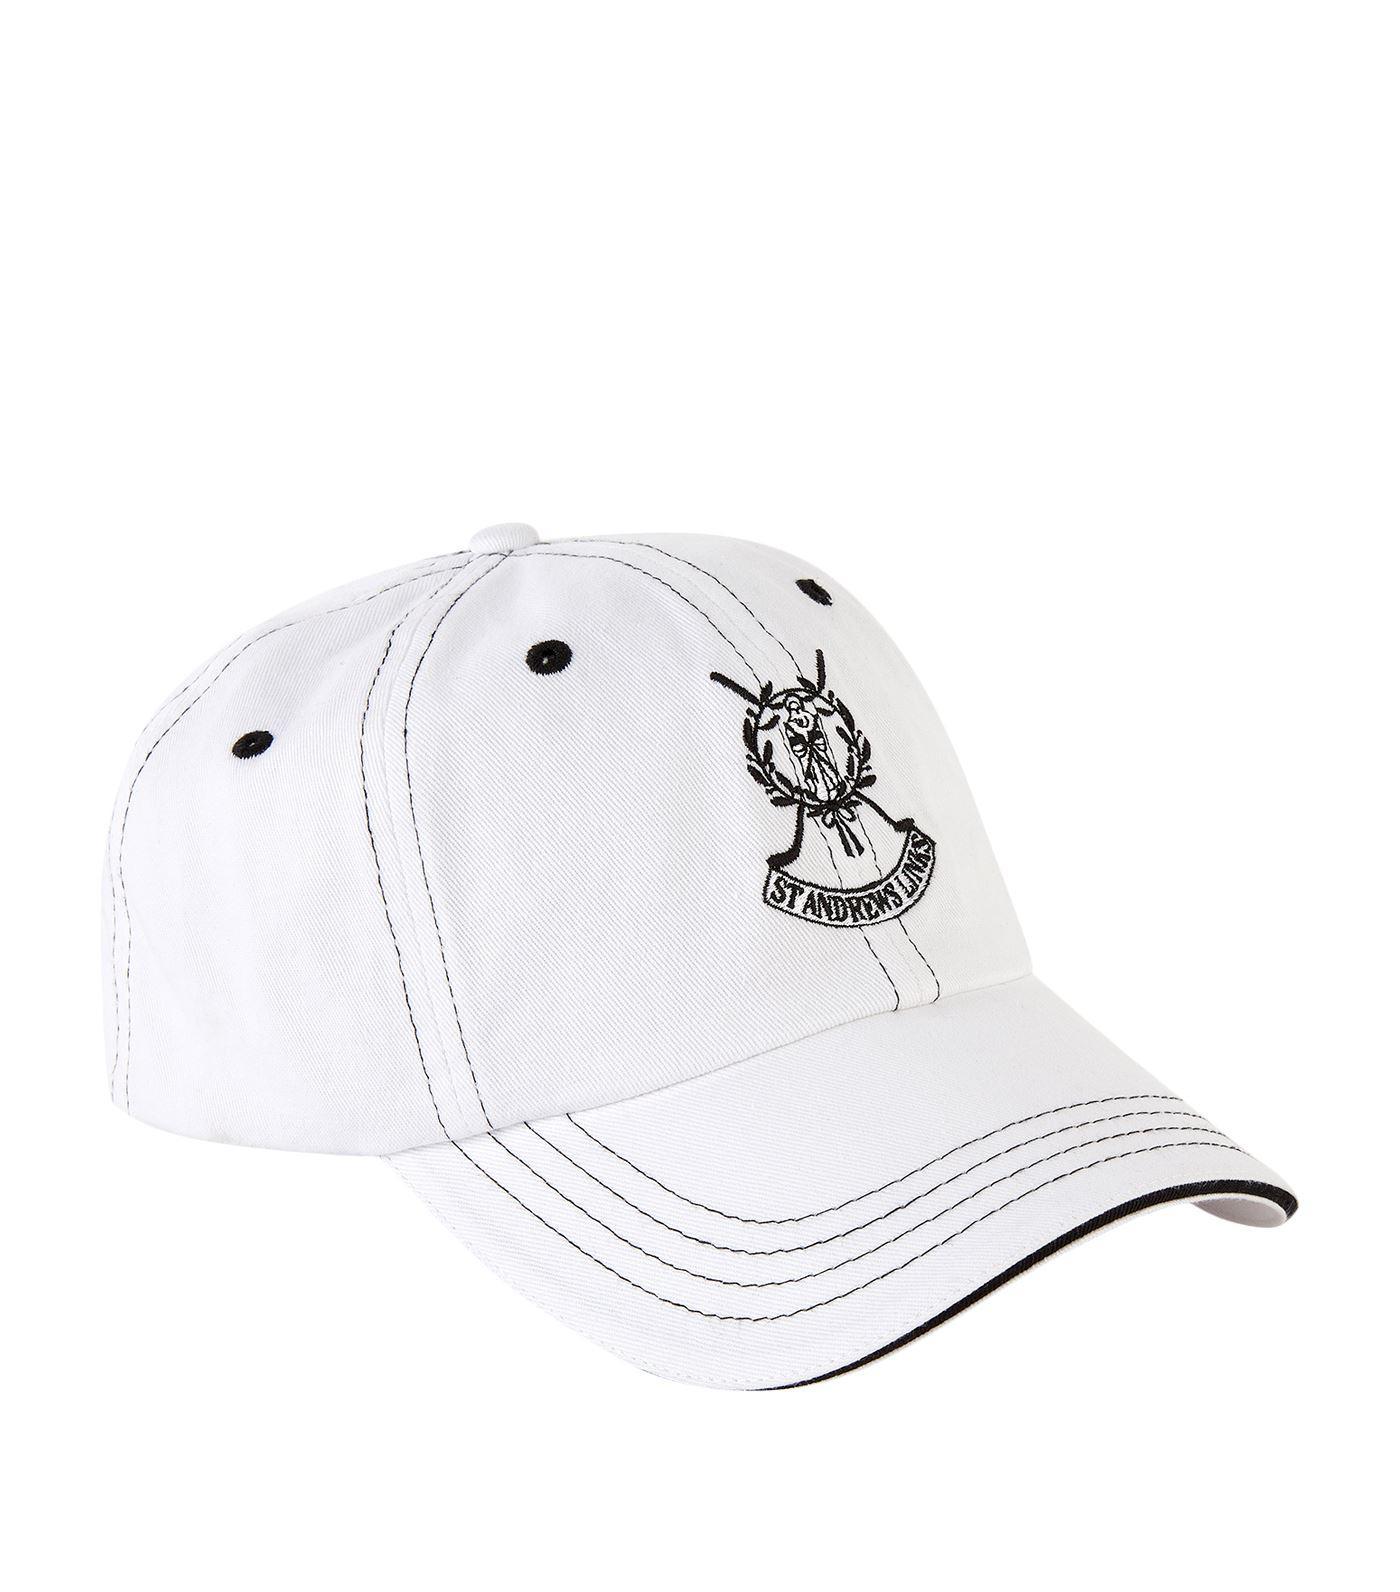 b92ea18f8f8 Harrods St Andrews Links Golf Cap in White for Men - Lyst